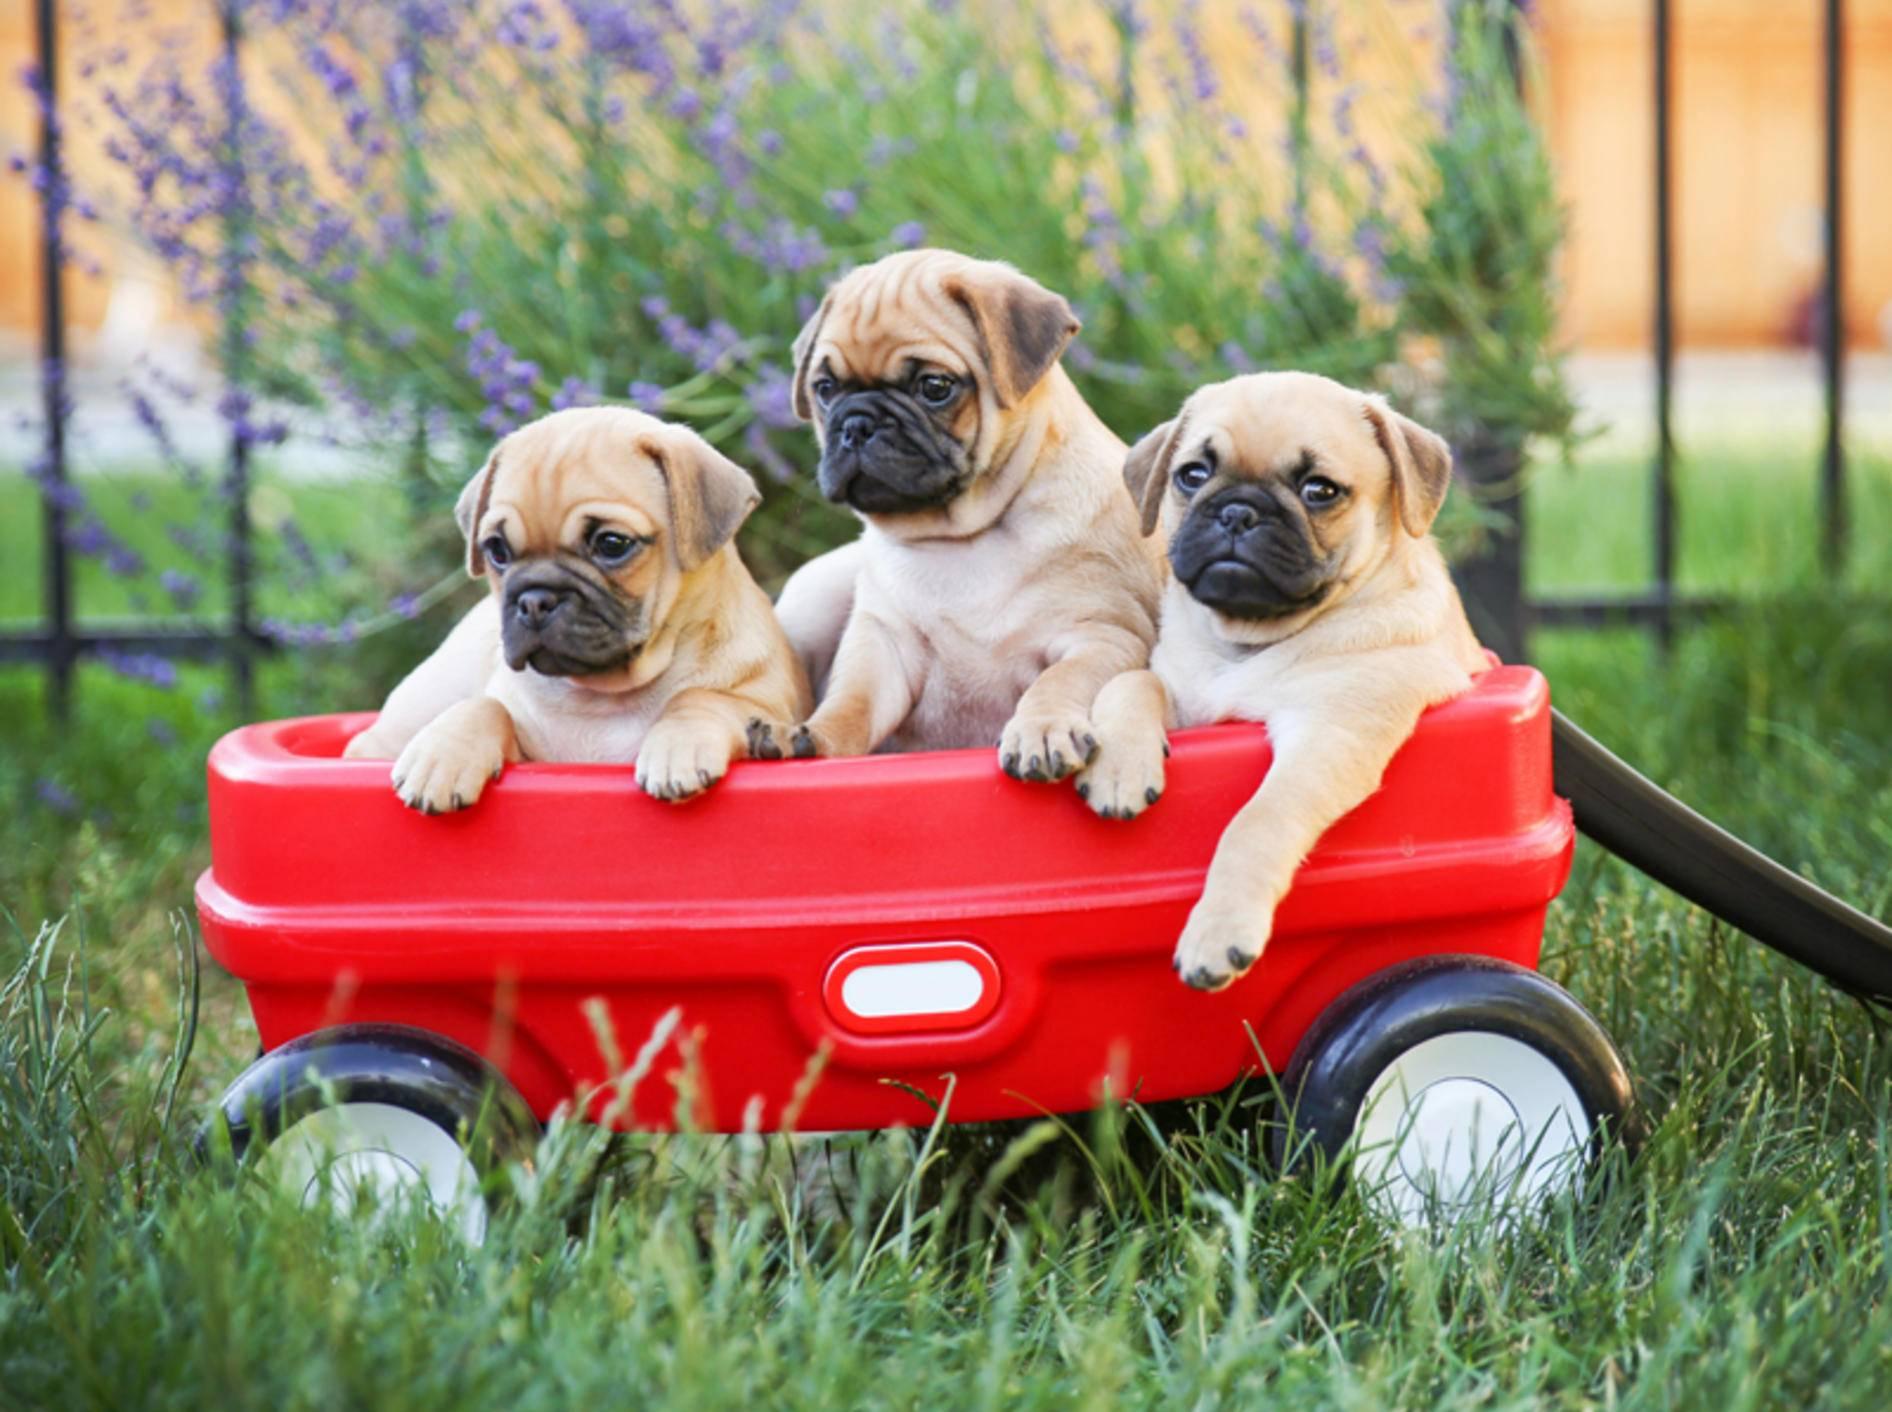 Beim Retro-Mops wird versucht, die Schnauze wieder länger zu züchten, damit die Hunde besser atmen können – Shutterstock / Annette Shaff